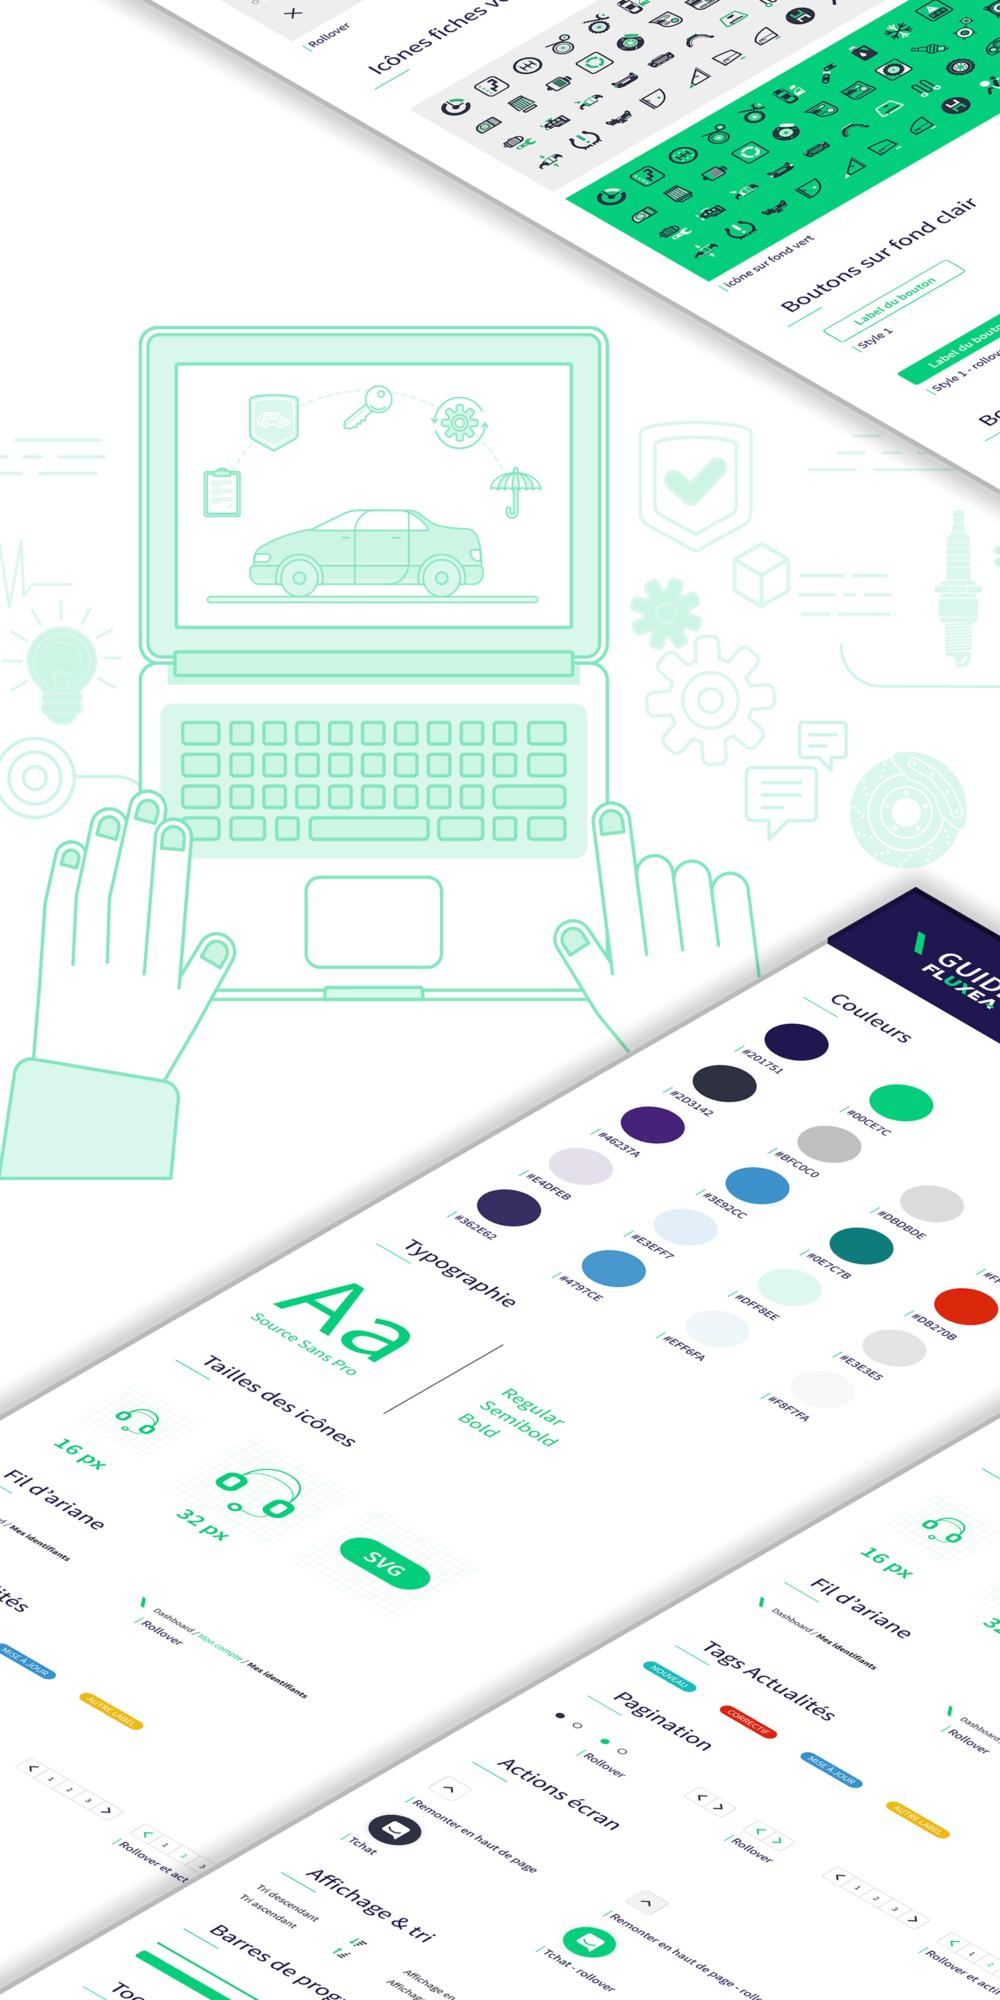 Design (UX et UI) et intération HTML de l